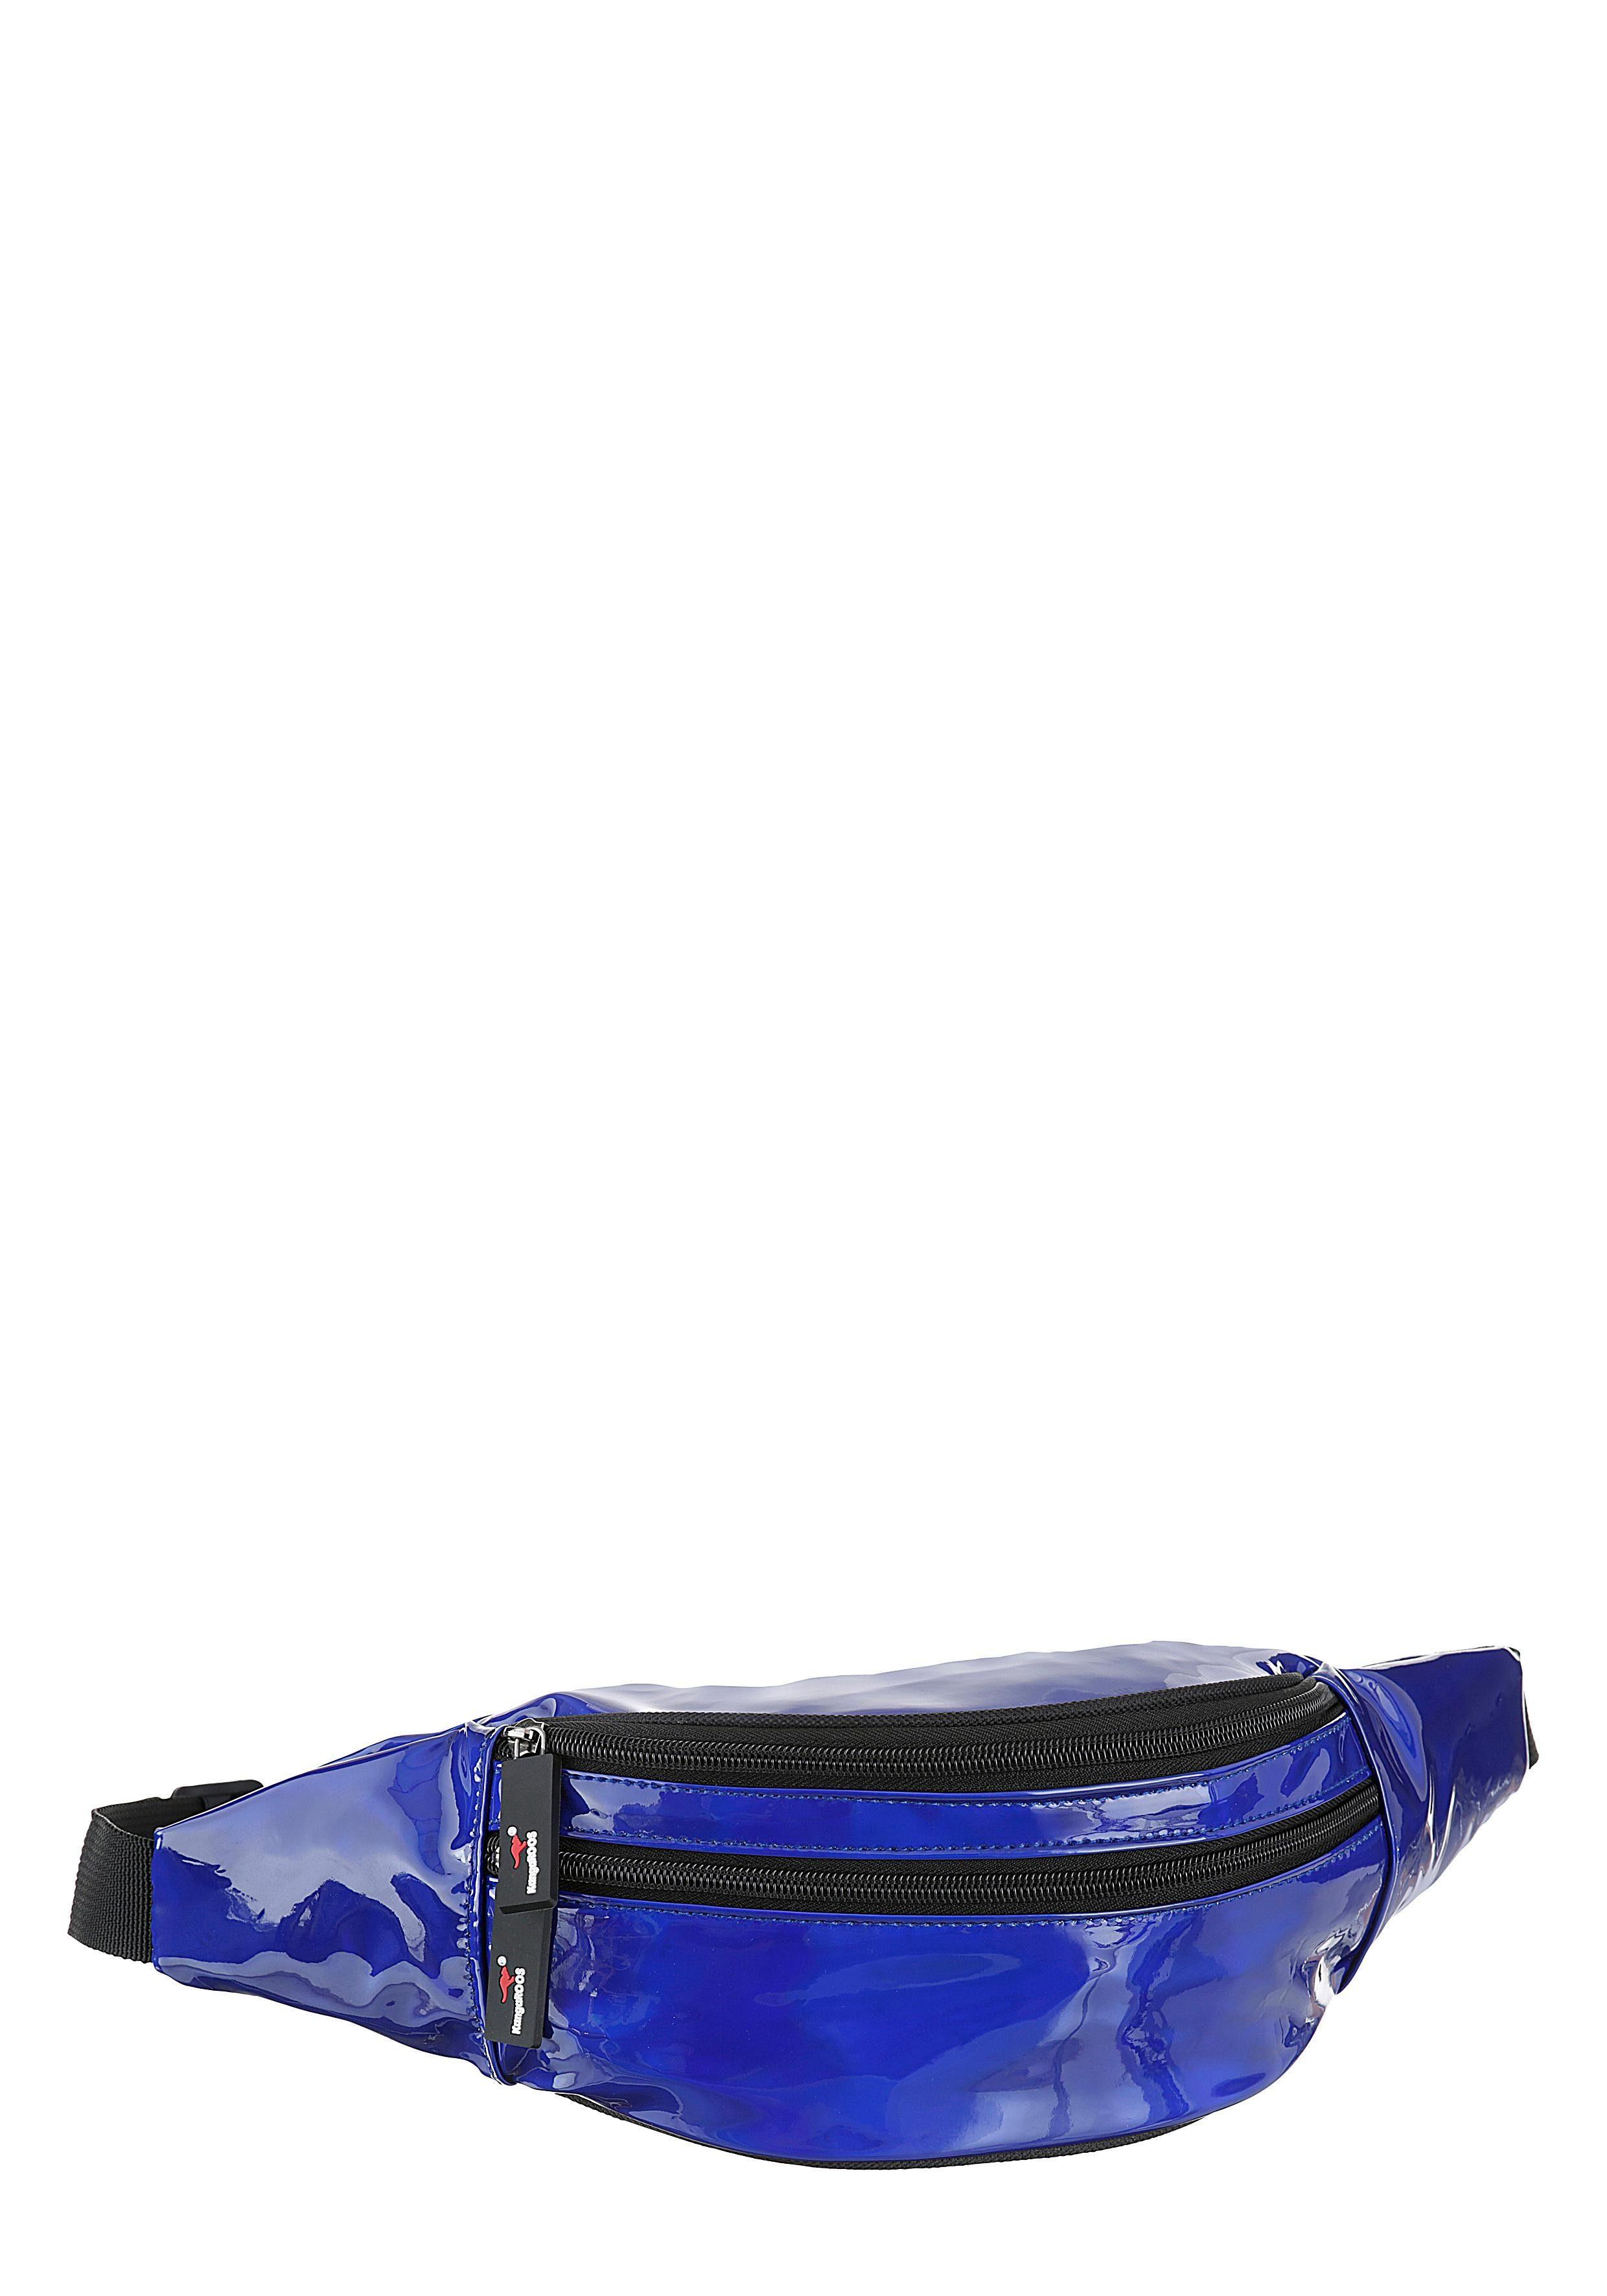 KangaROOS Gürteltasche, mit Reißverschluss Rückfach online kaufen | OTTO